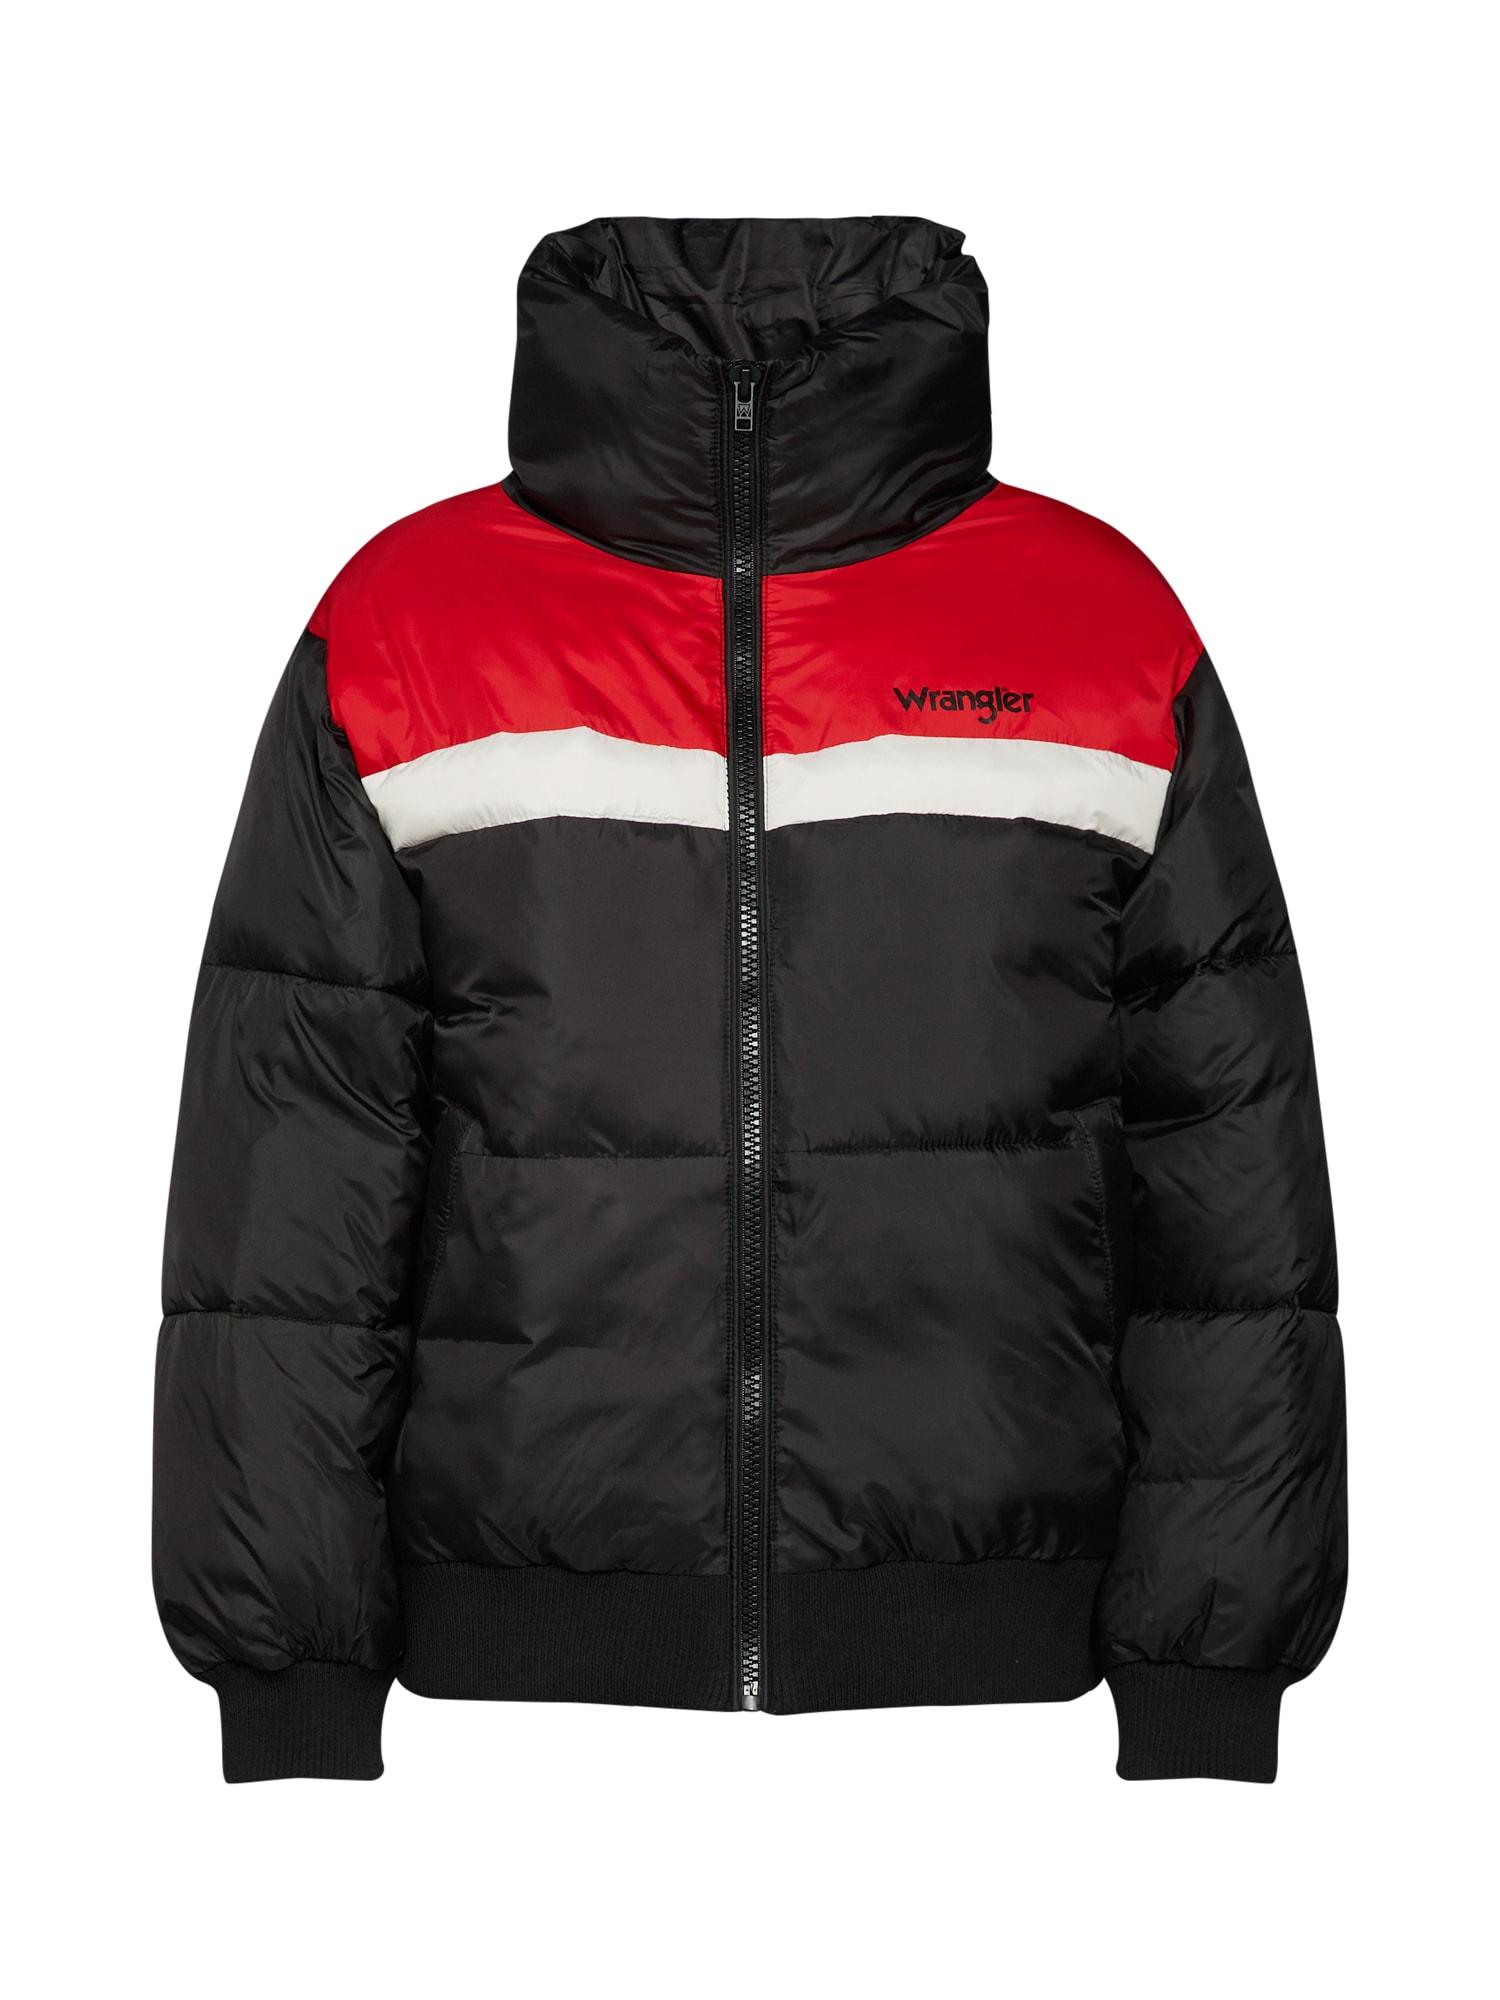 Zimní bunda SKI JACKET světle červená černá bílá WRANGLER